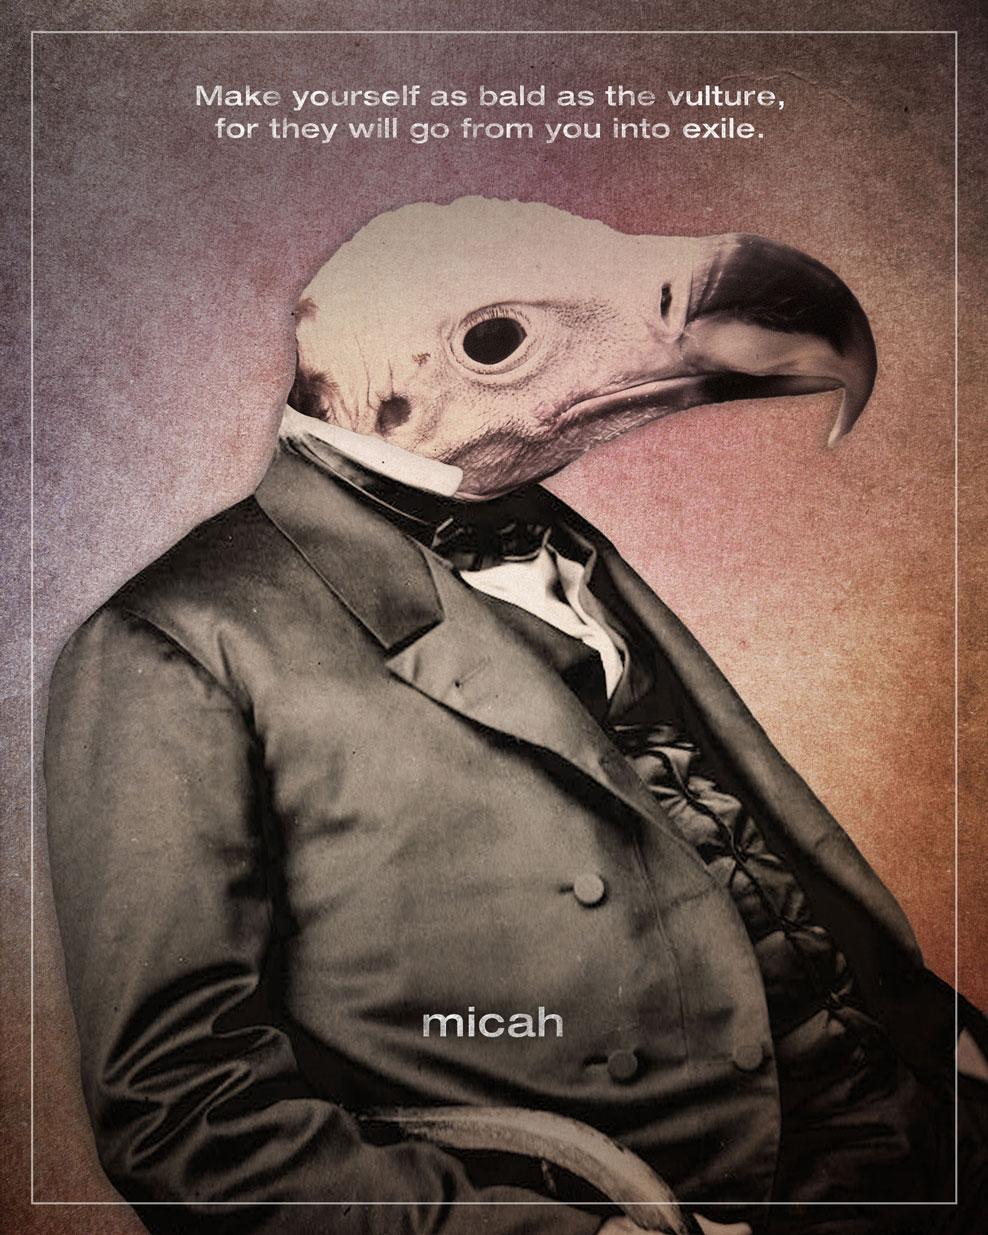 33-Micah-01_Jim-LePage.jpg